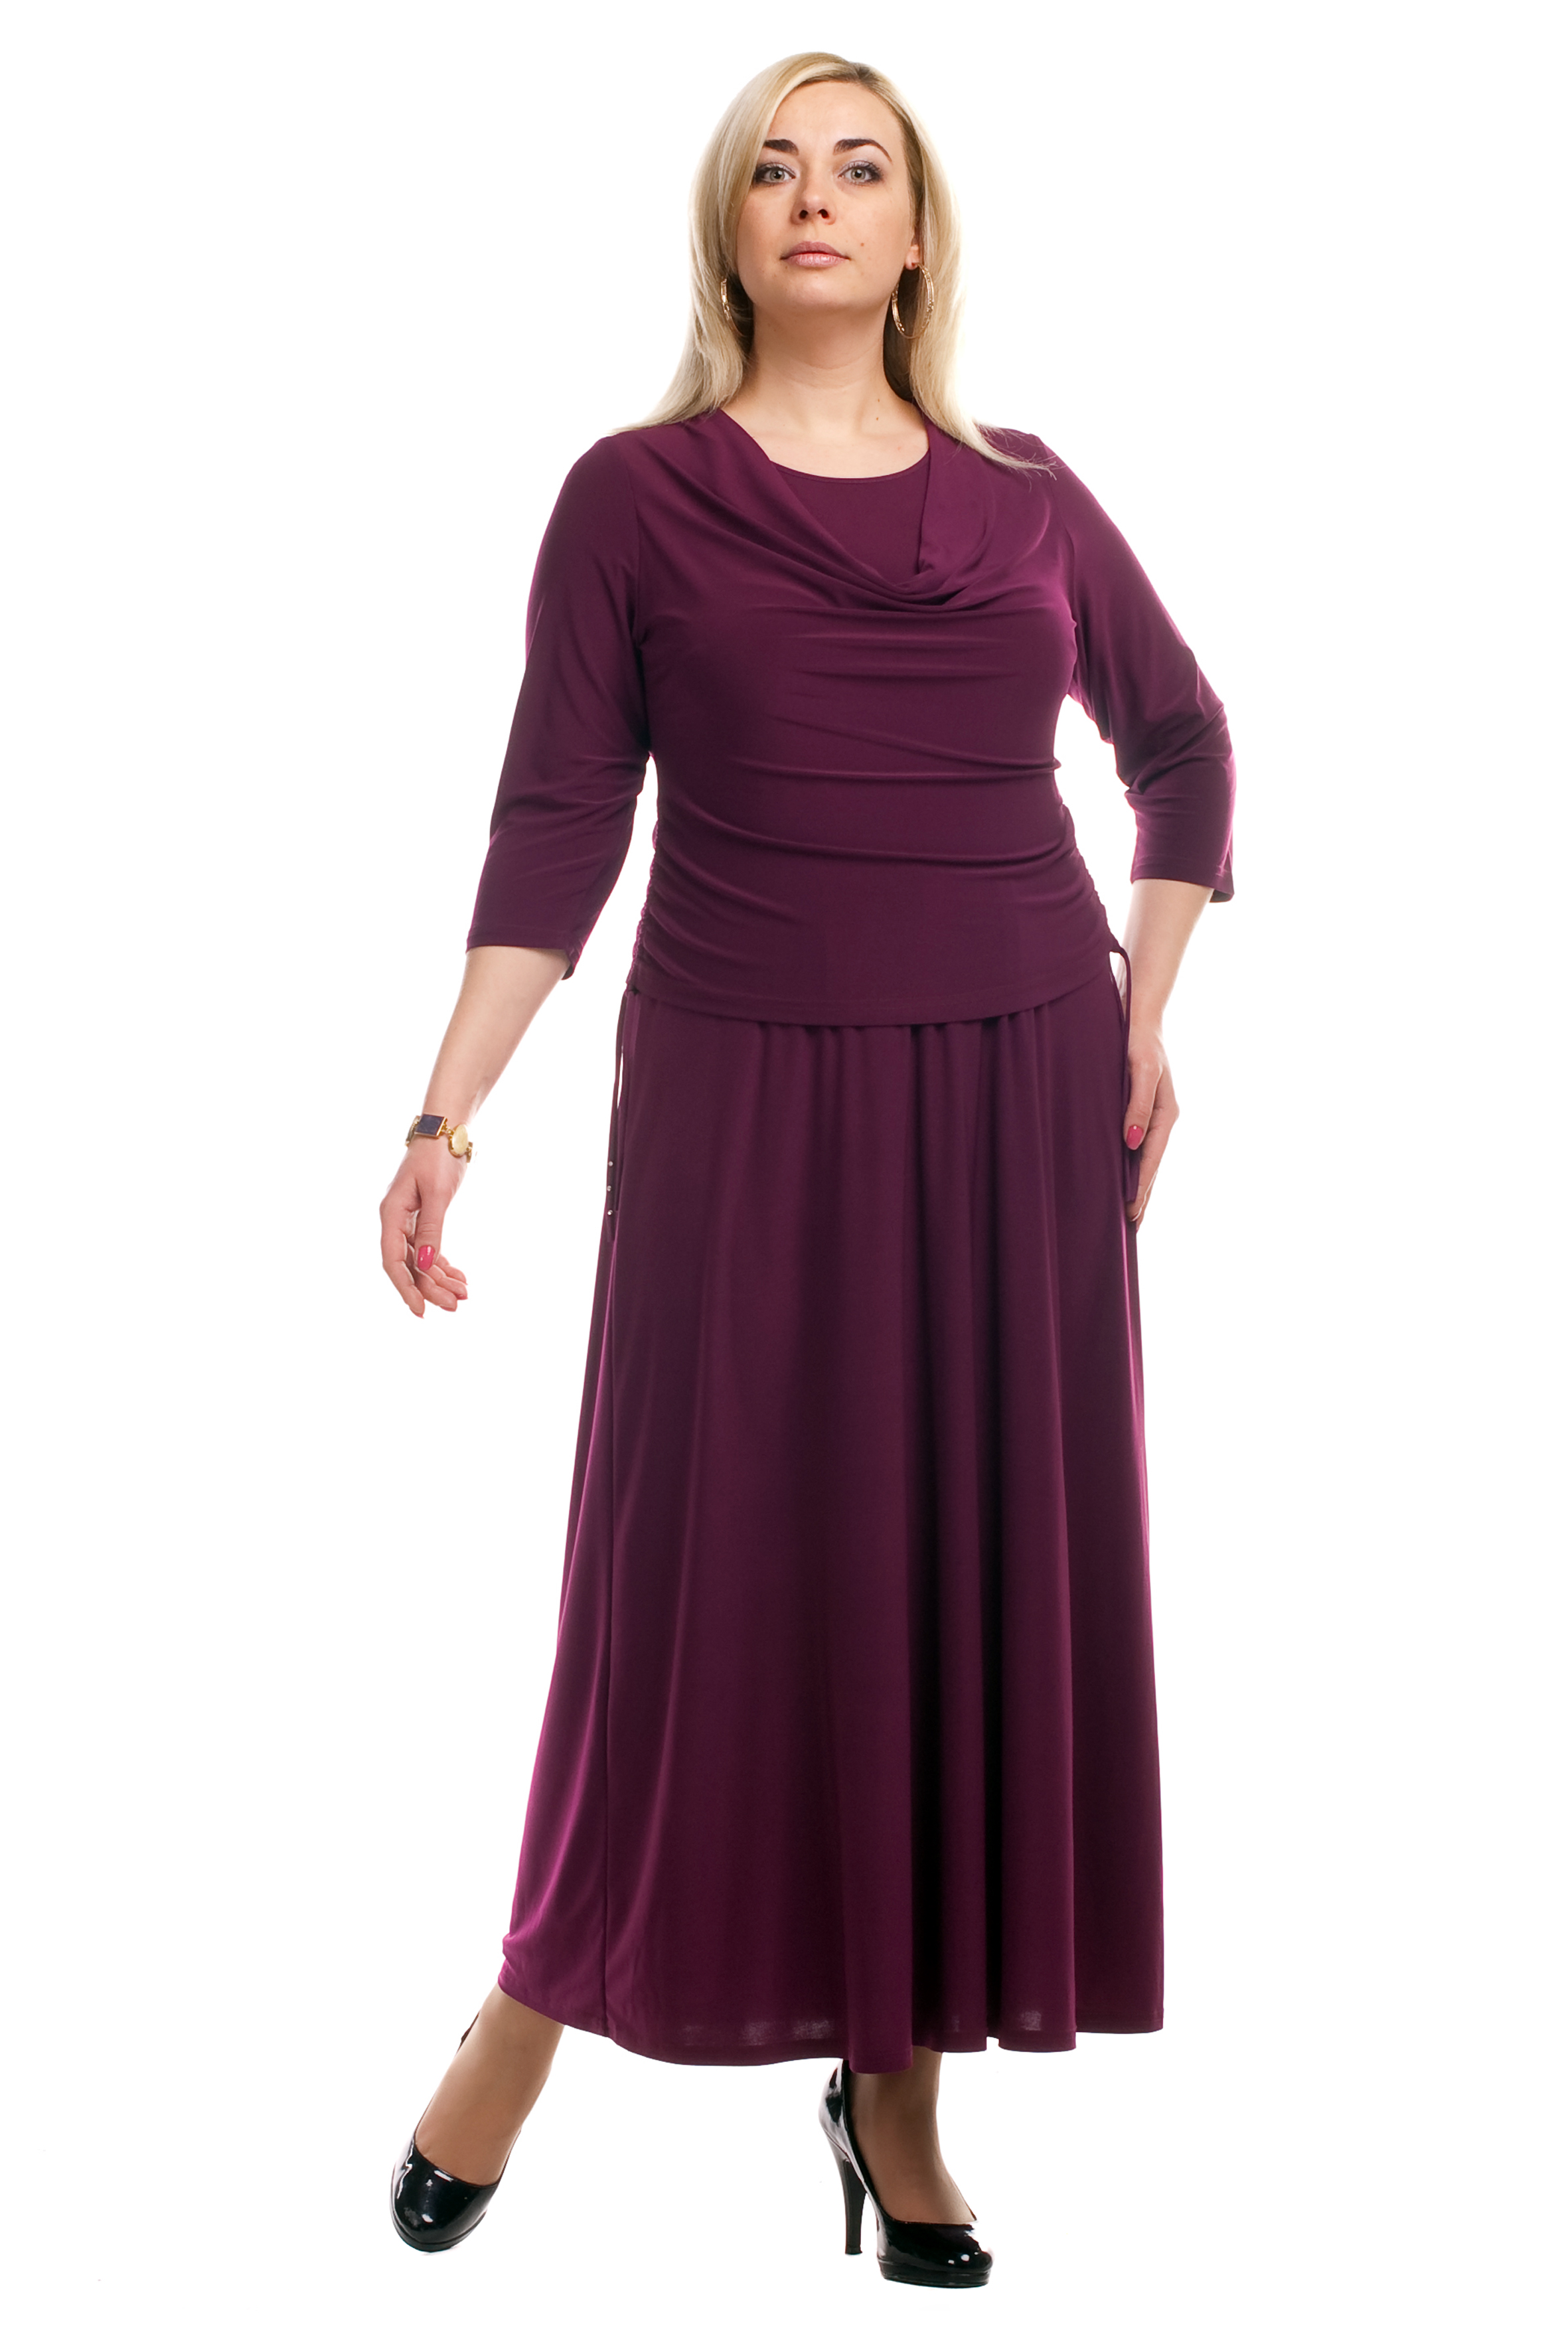 Купить одежду для полных женщин